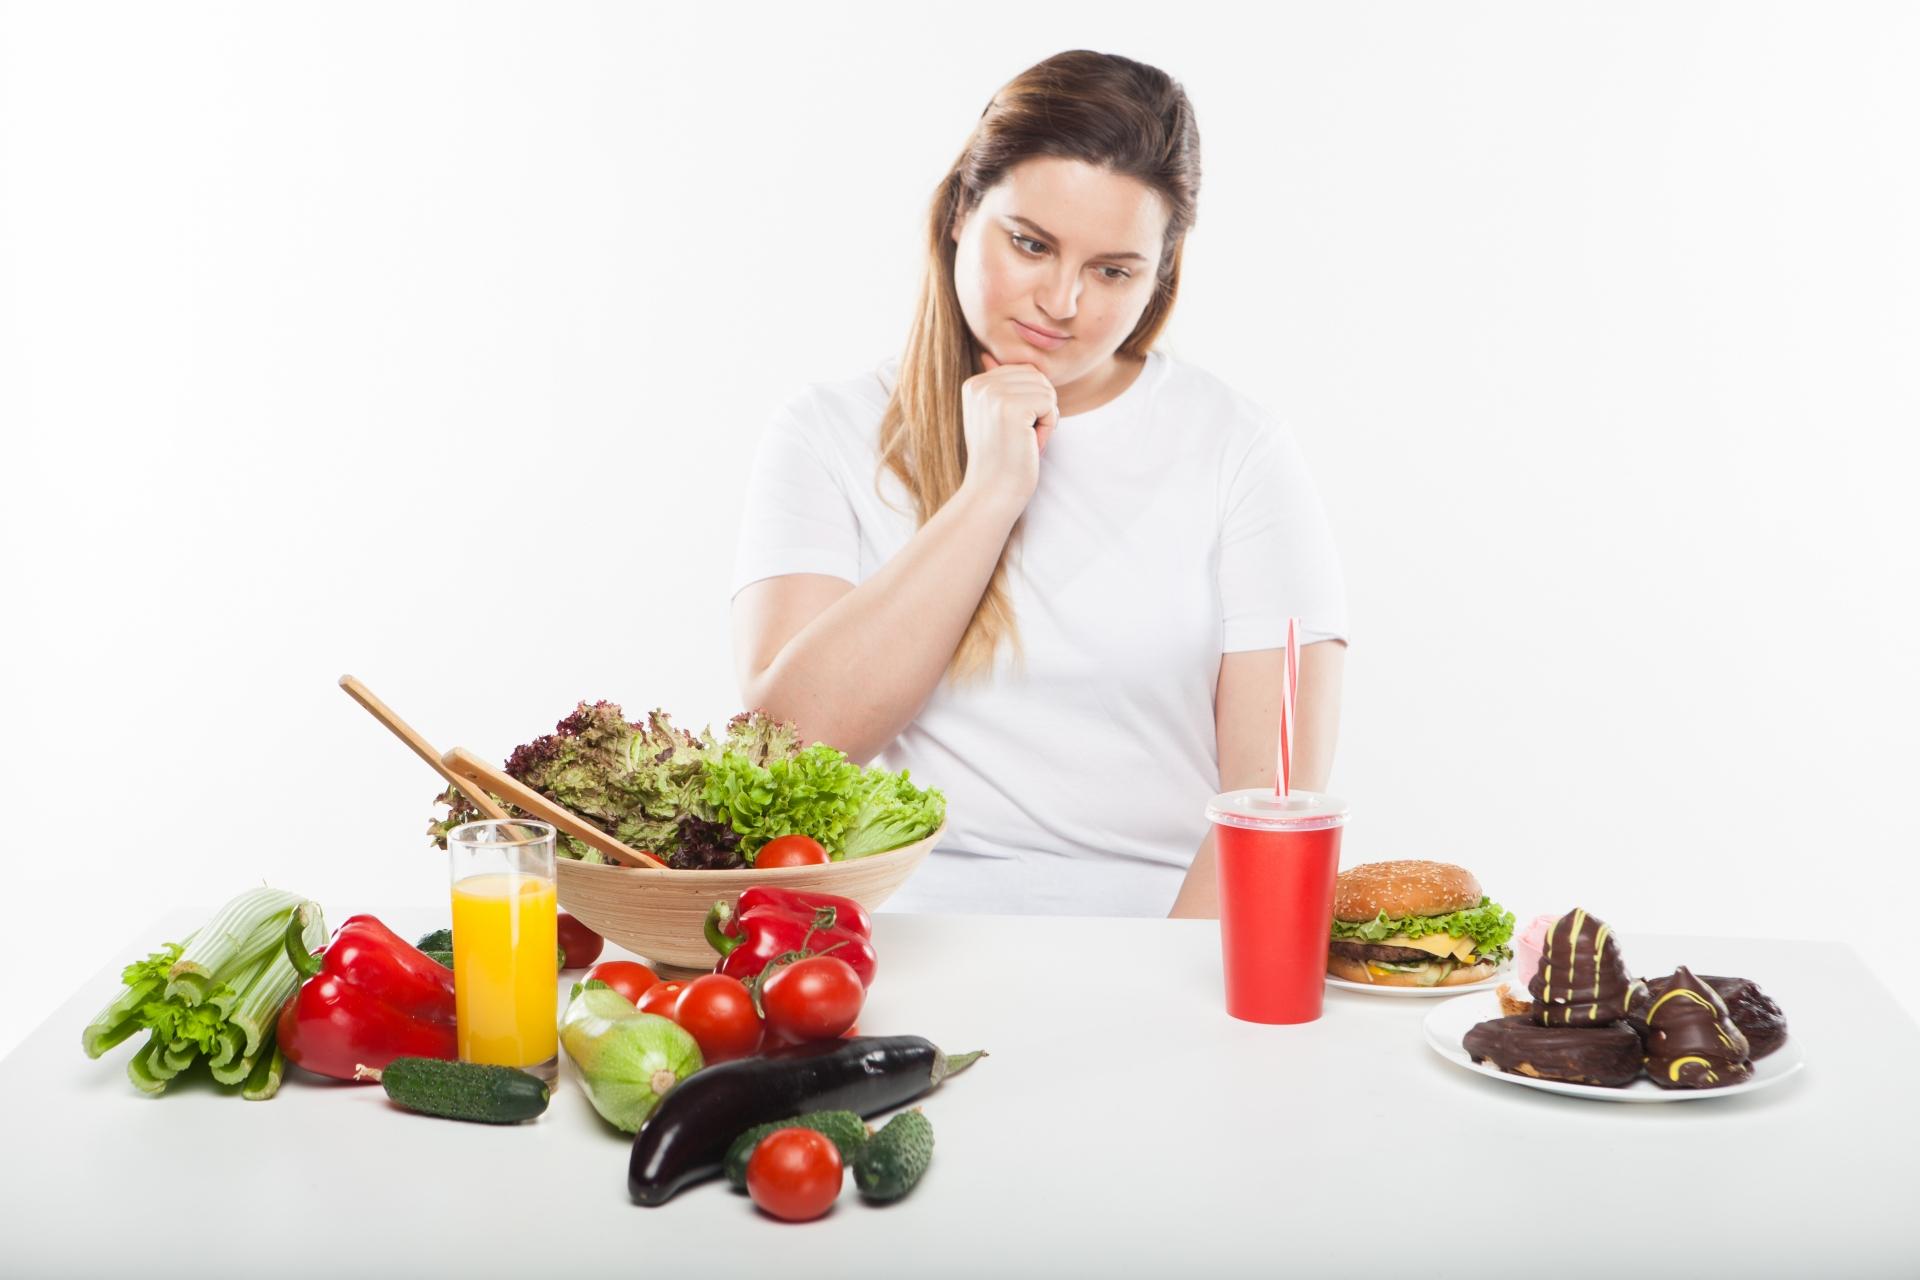 むくみの原因となる食べものと改善につながる食べもの